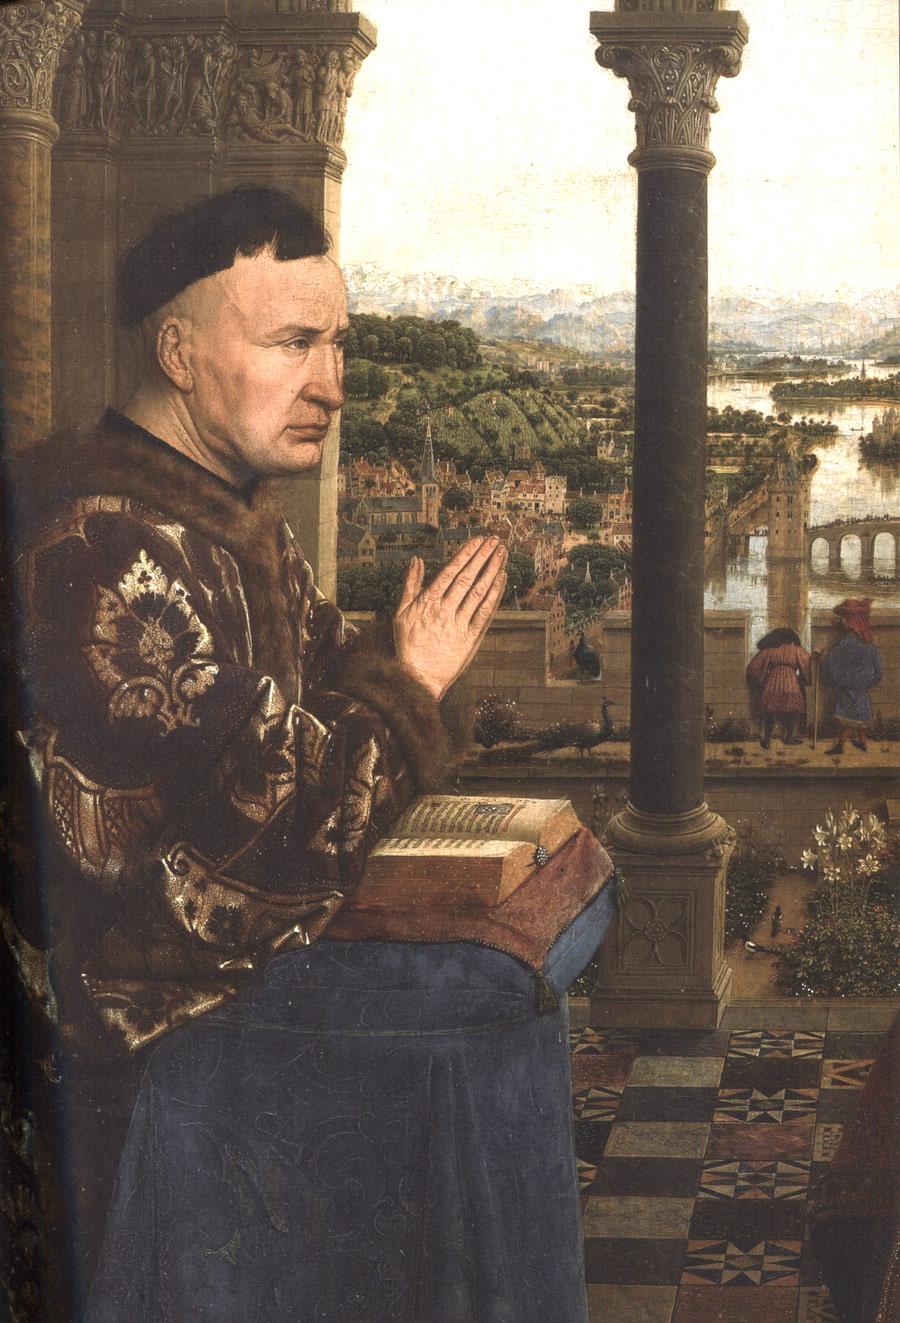 L'autonomie du paysage comme arrière fond dans la peinture flamande. .Jan van Eyck, vers 1435. Descola 2010-2012, fig. 50.